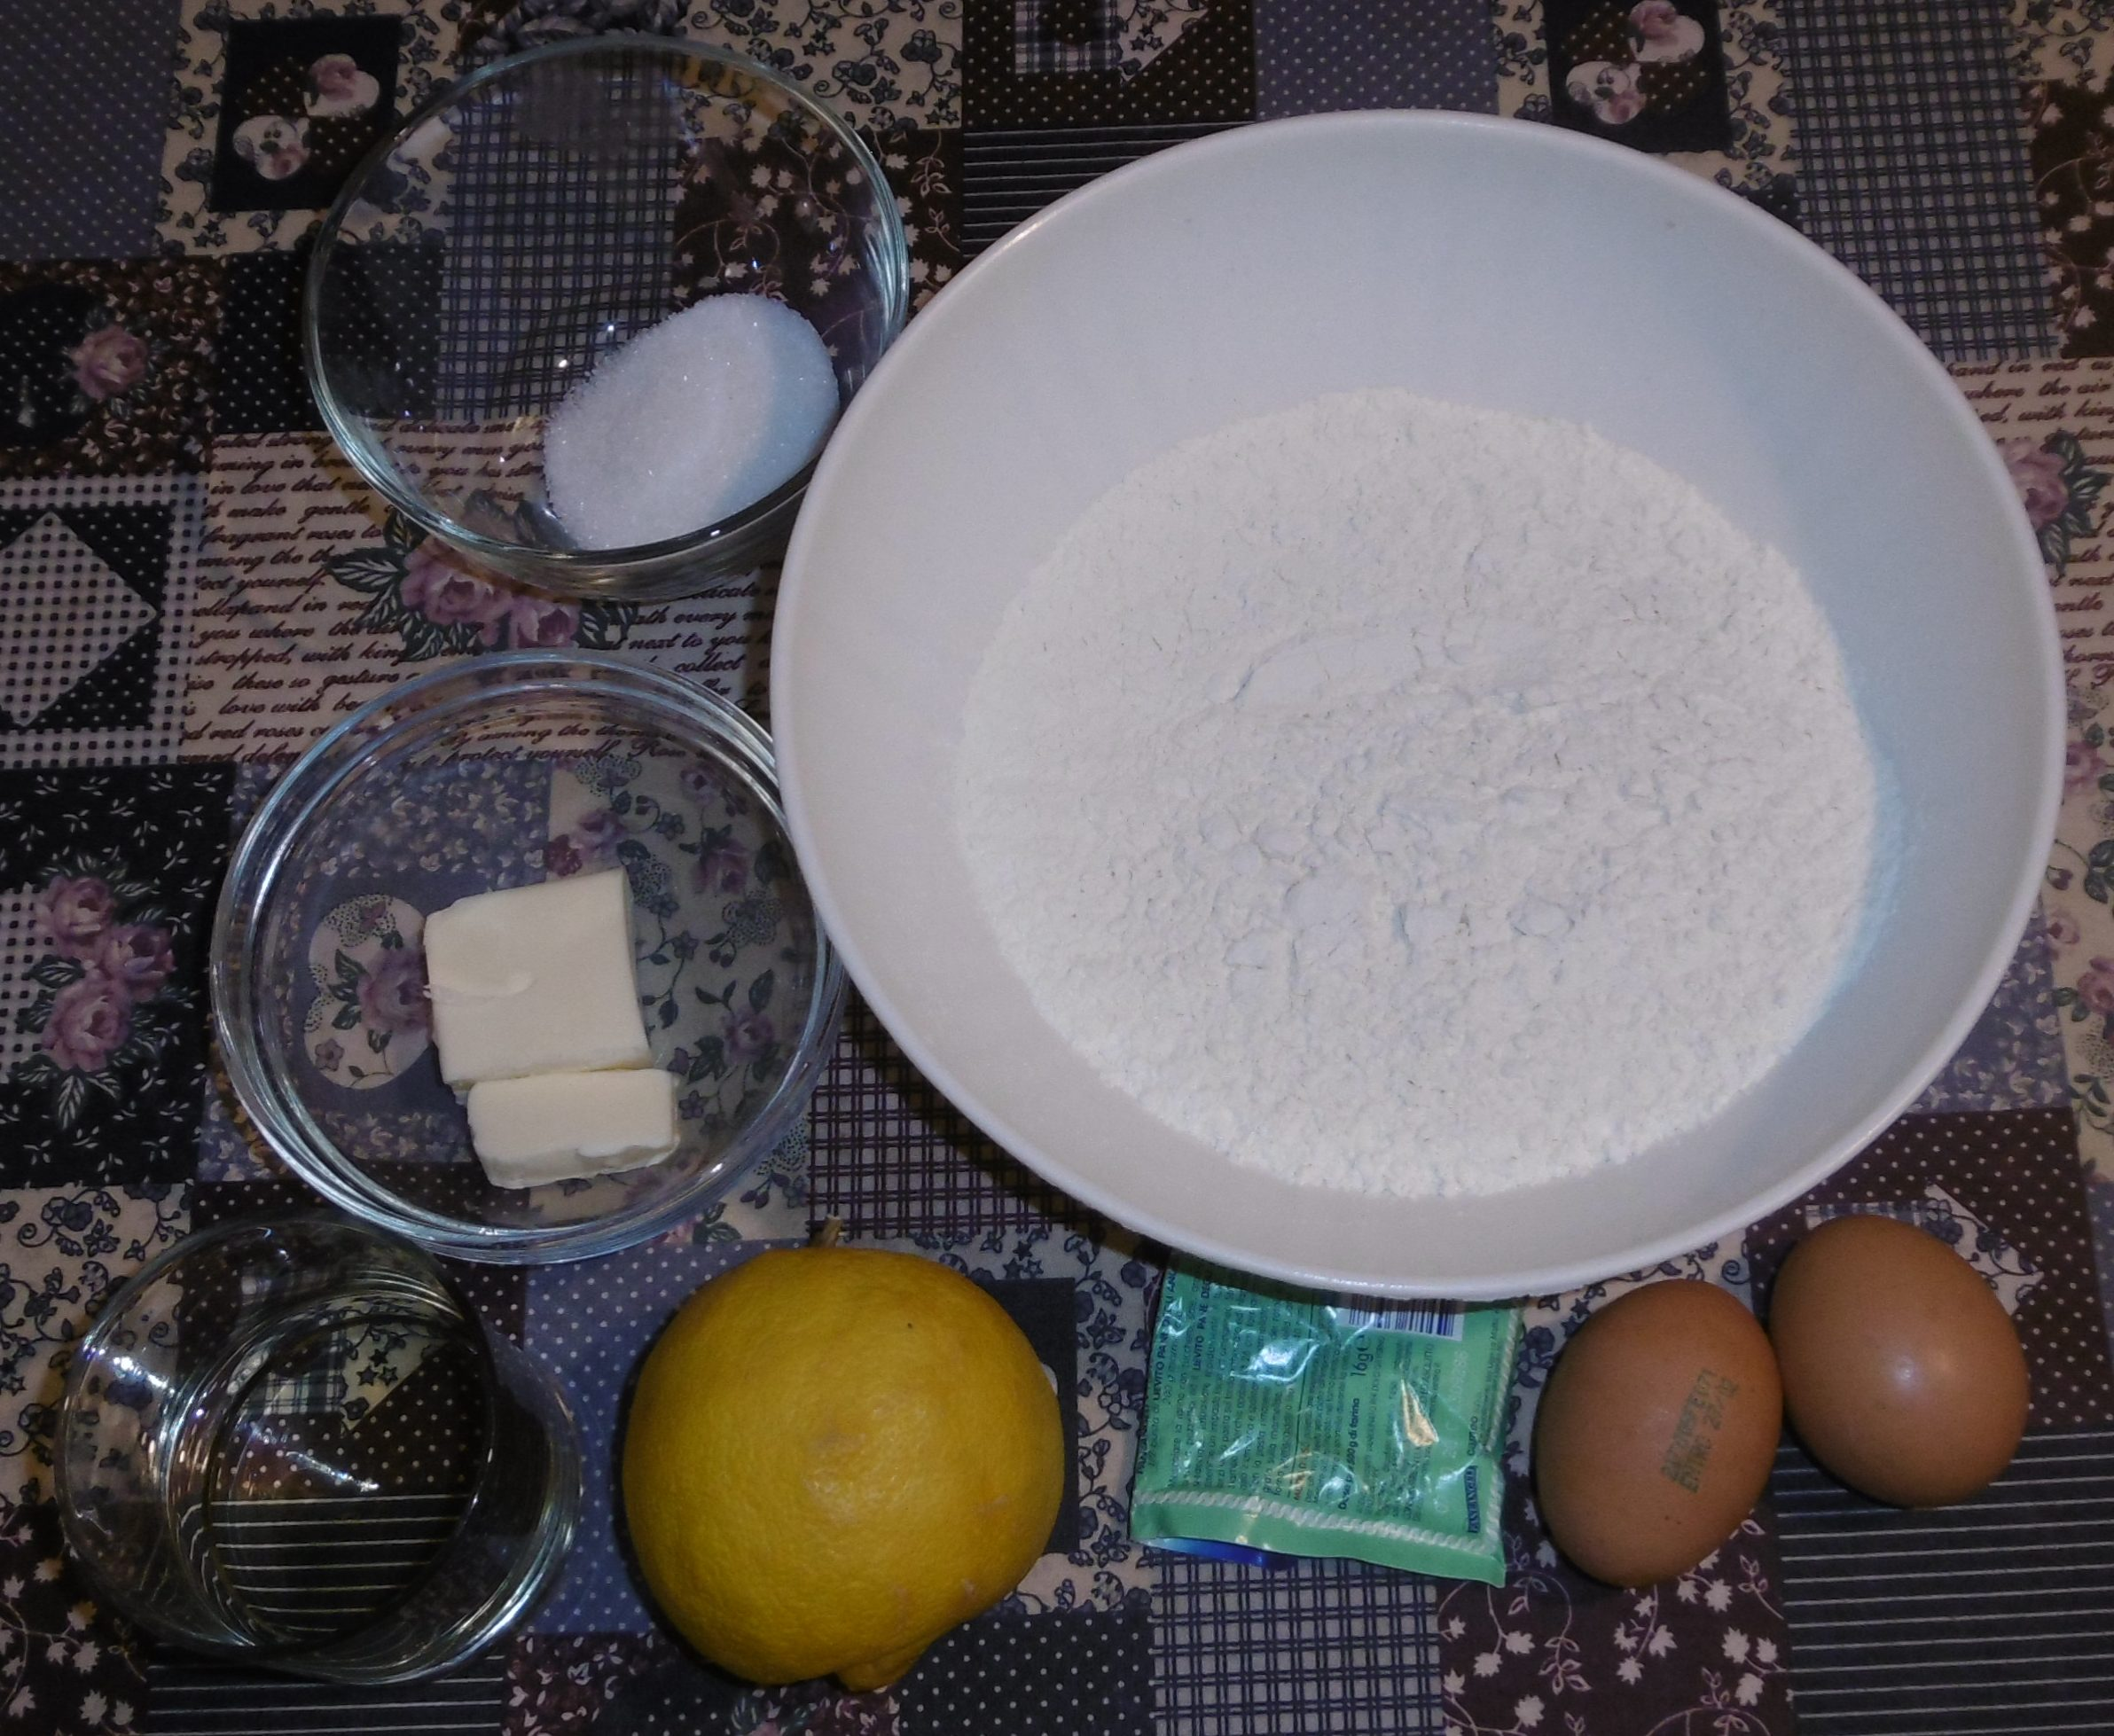 Chiacchiere di carnevale - Ingredienti